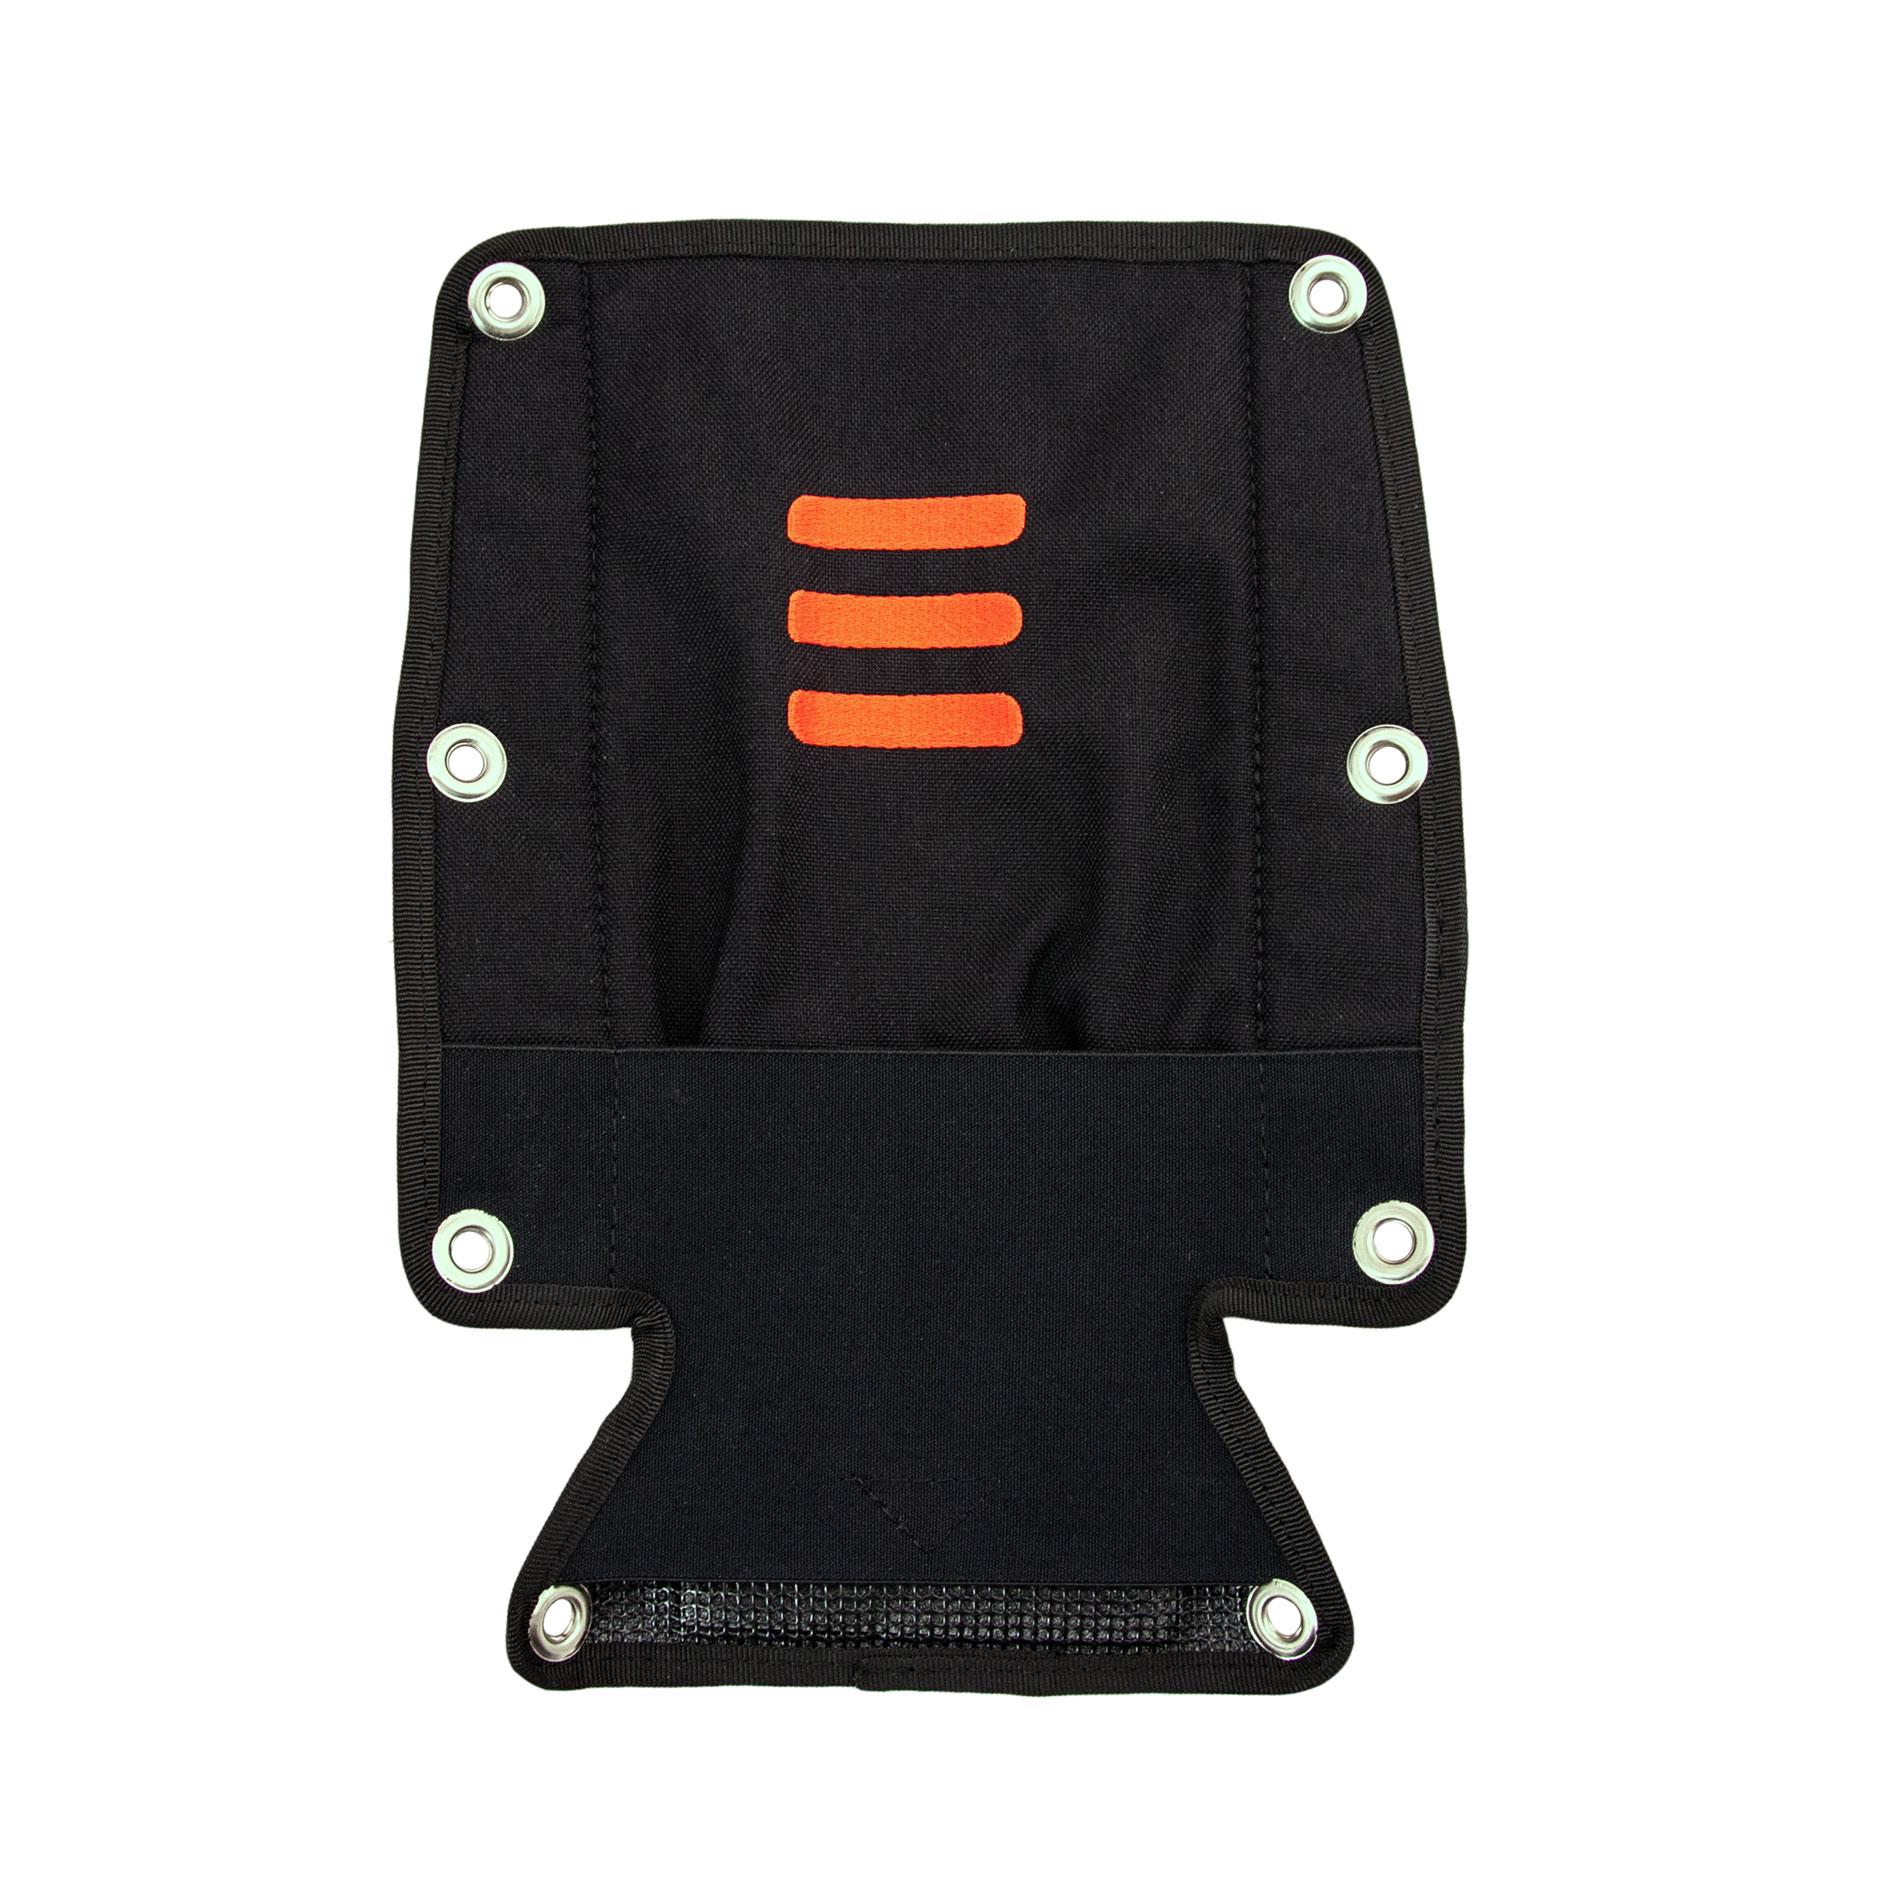 Комфортна подложка за гърба с джоб за буй BACKPLATE SOFT PAD – Tecline